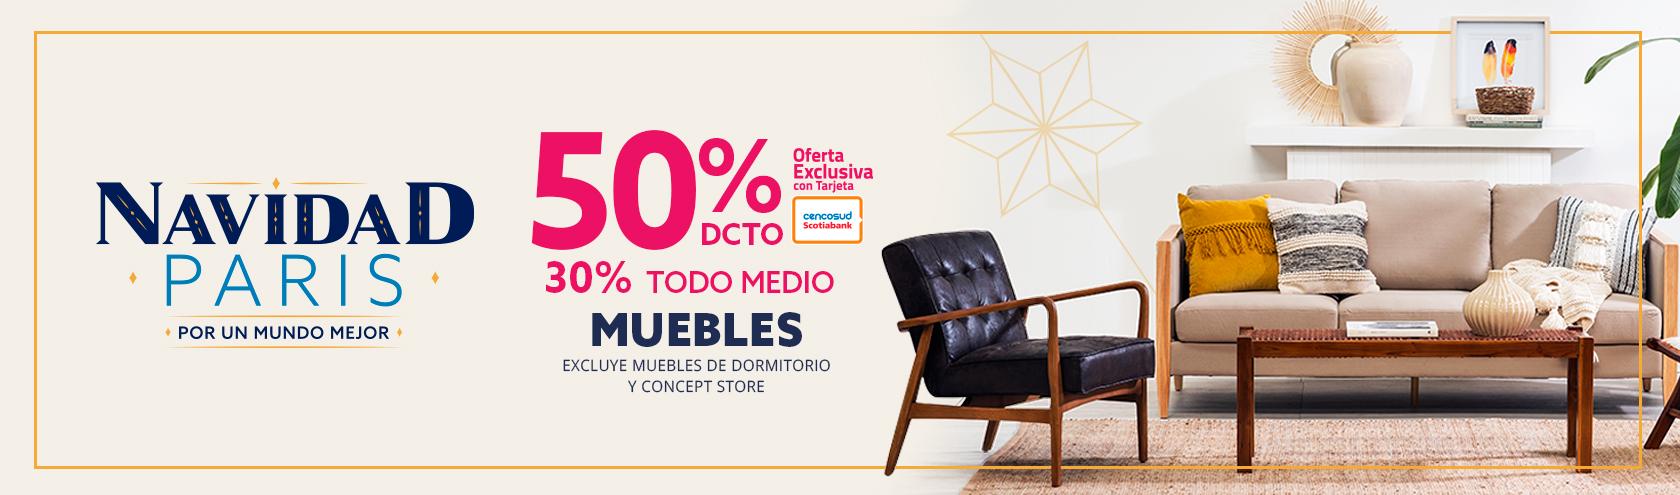 50/30 MUEBLES. EXCLUYE MUEBLES DE DORMITORIO Y CONCEPT STORE